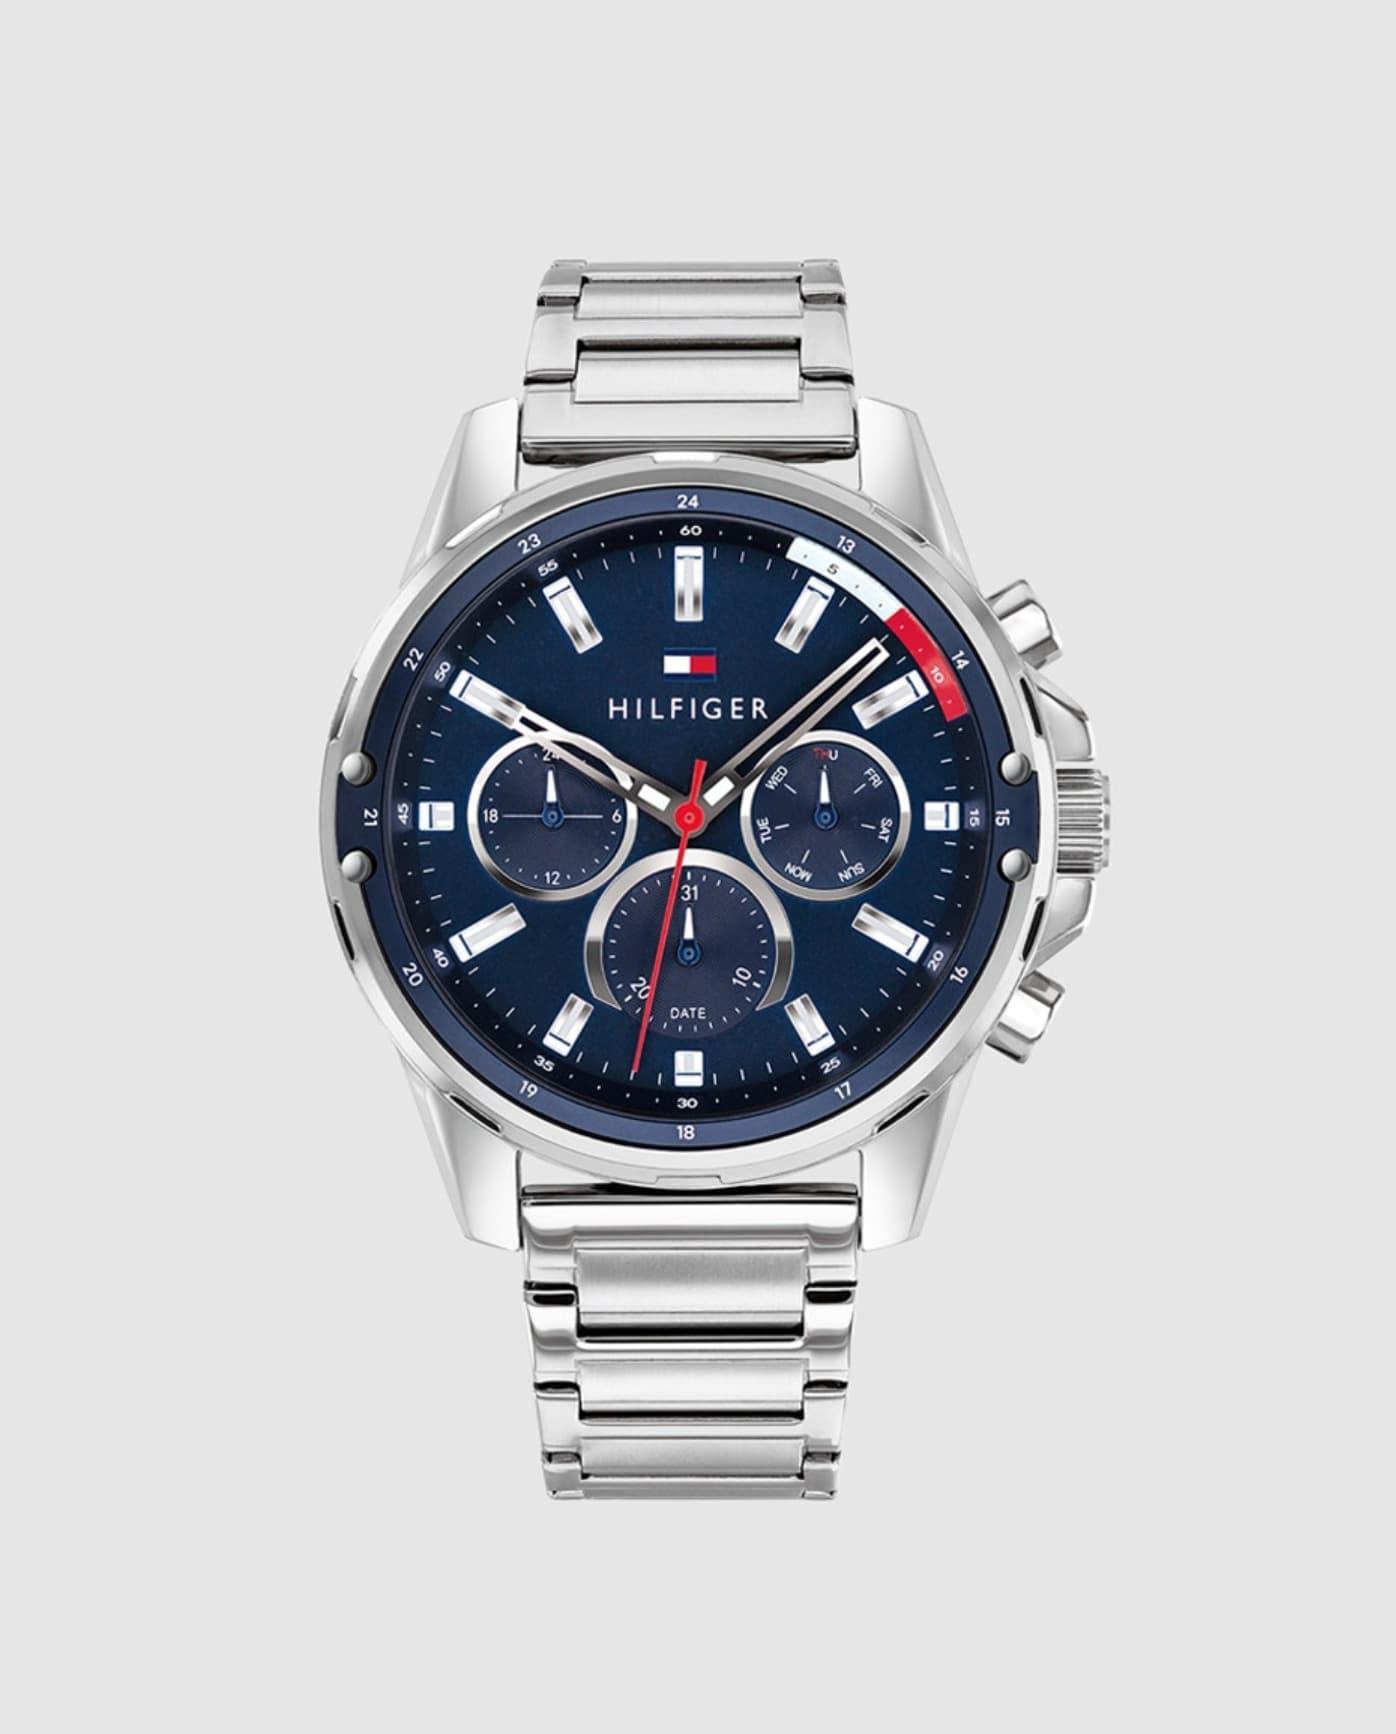 Reloj de hombre Tommy Hilfiger 1791788 multifunción de acero